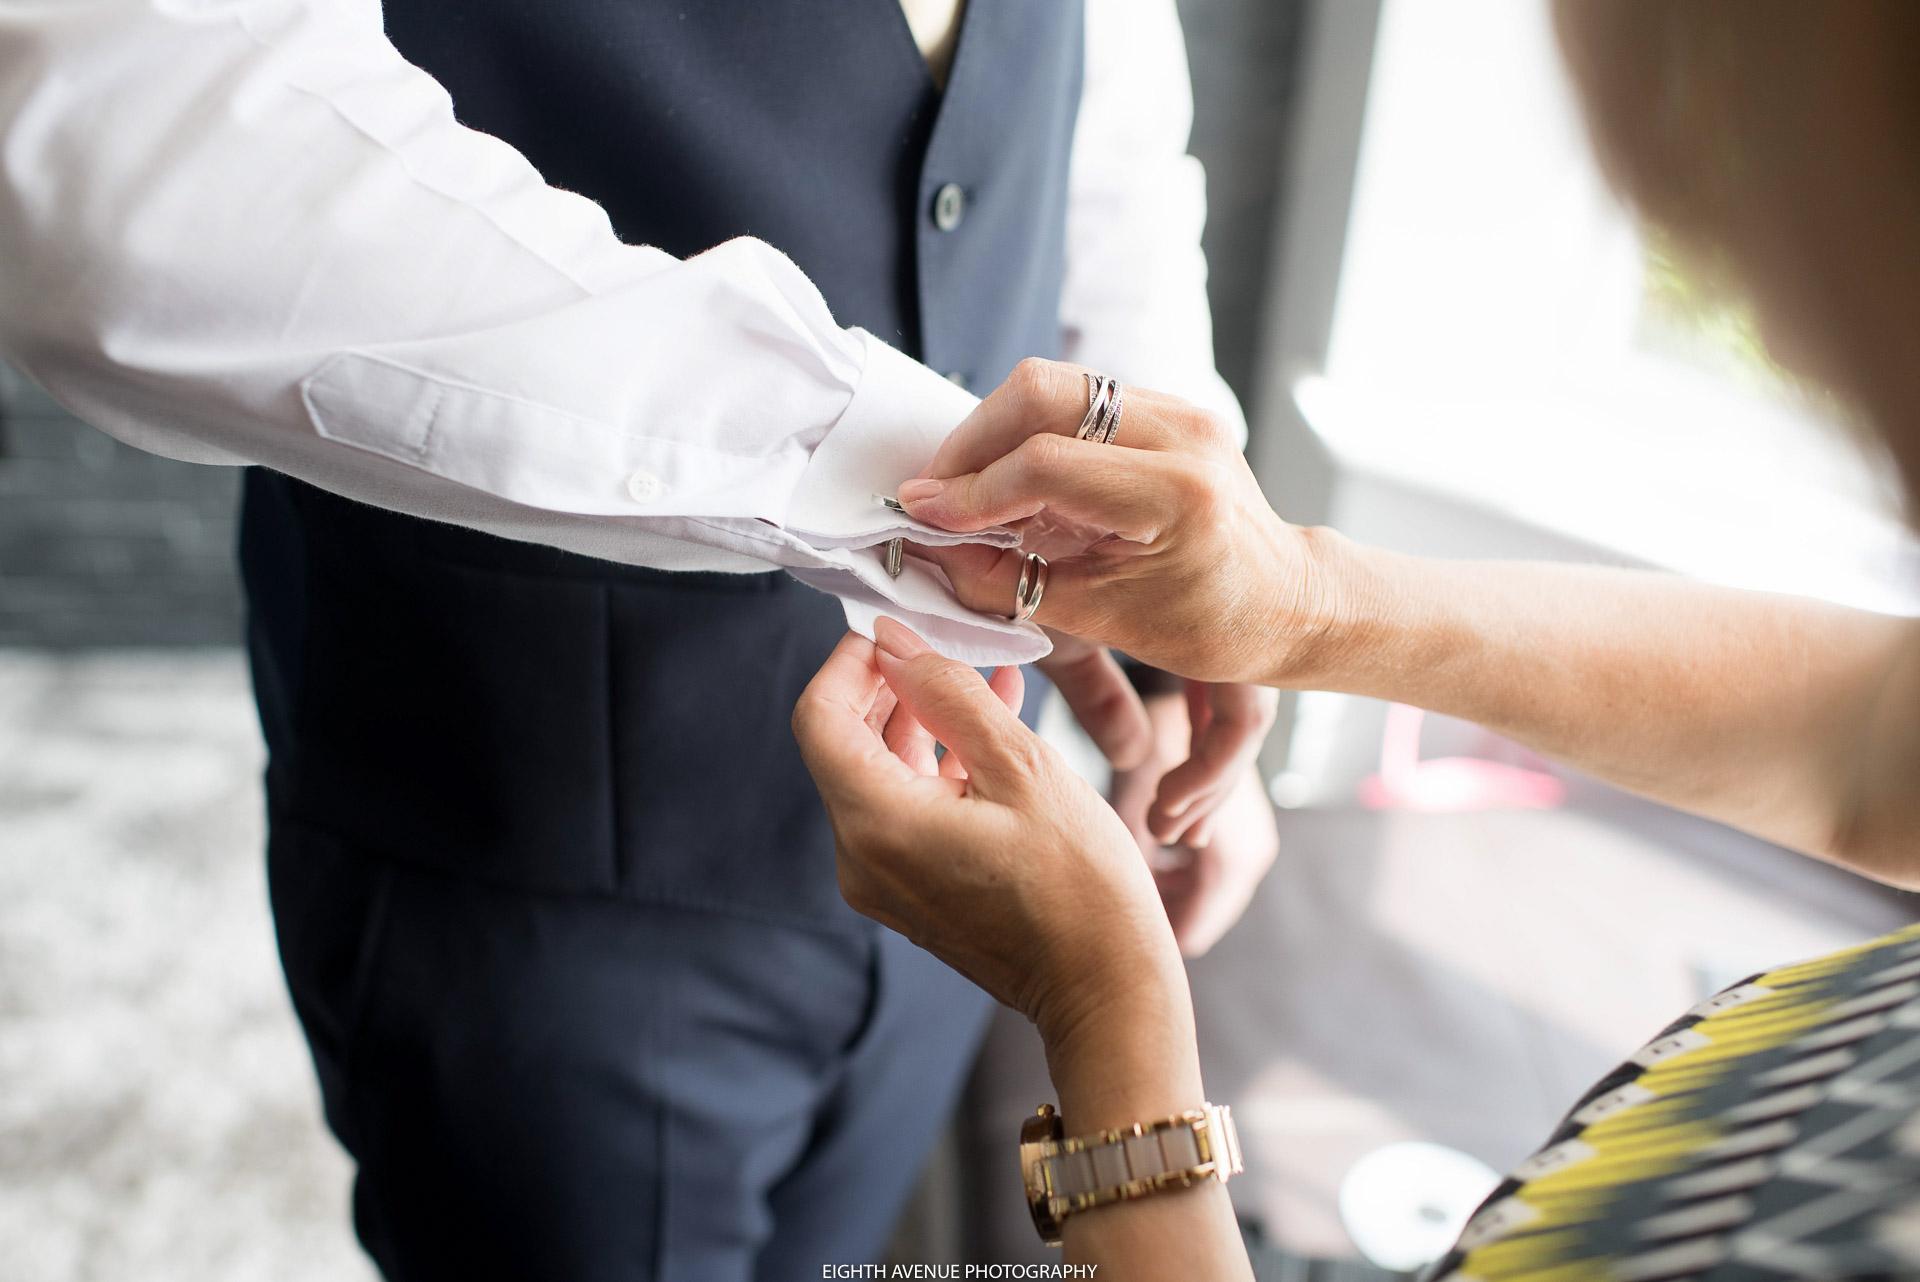 Mother of the groom doing groom's cufflink